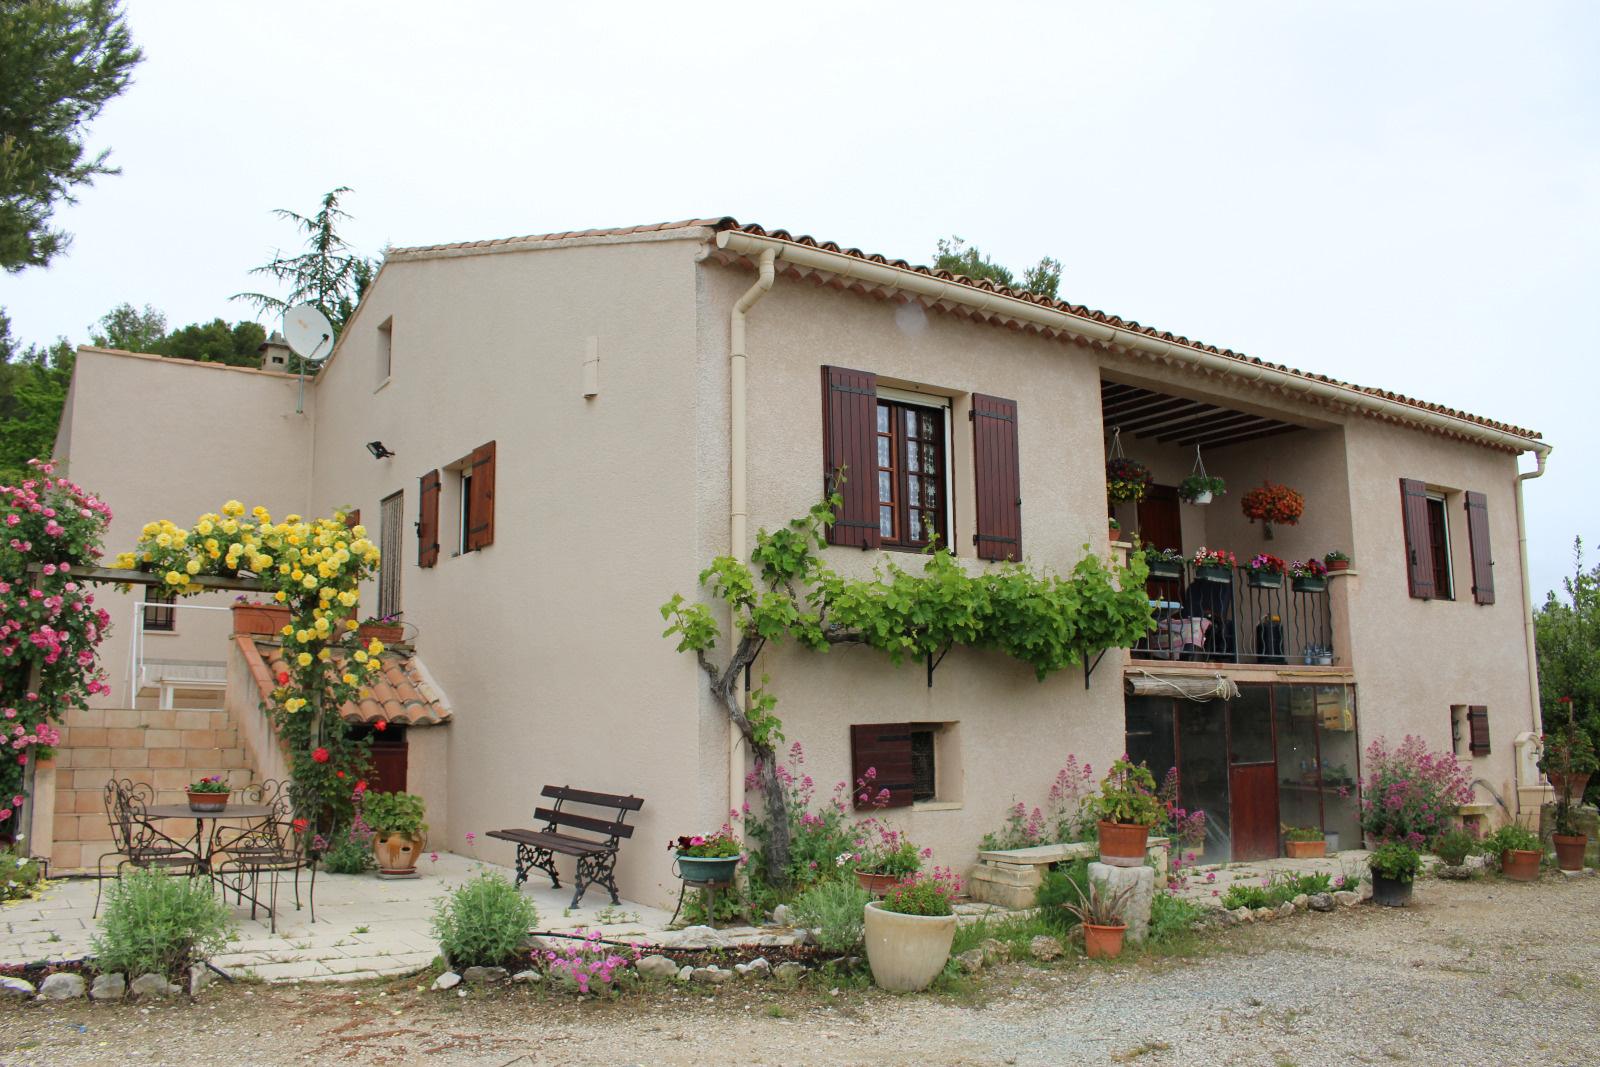 Vente maison/villa 9 pièces gargas 84400